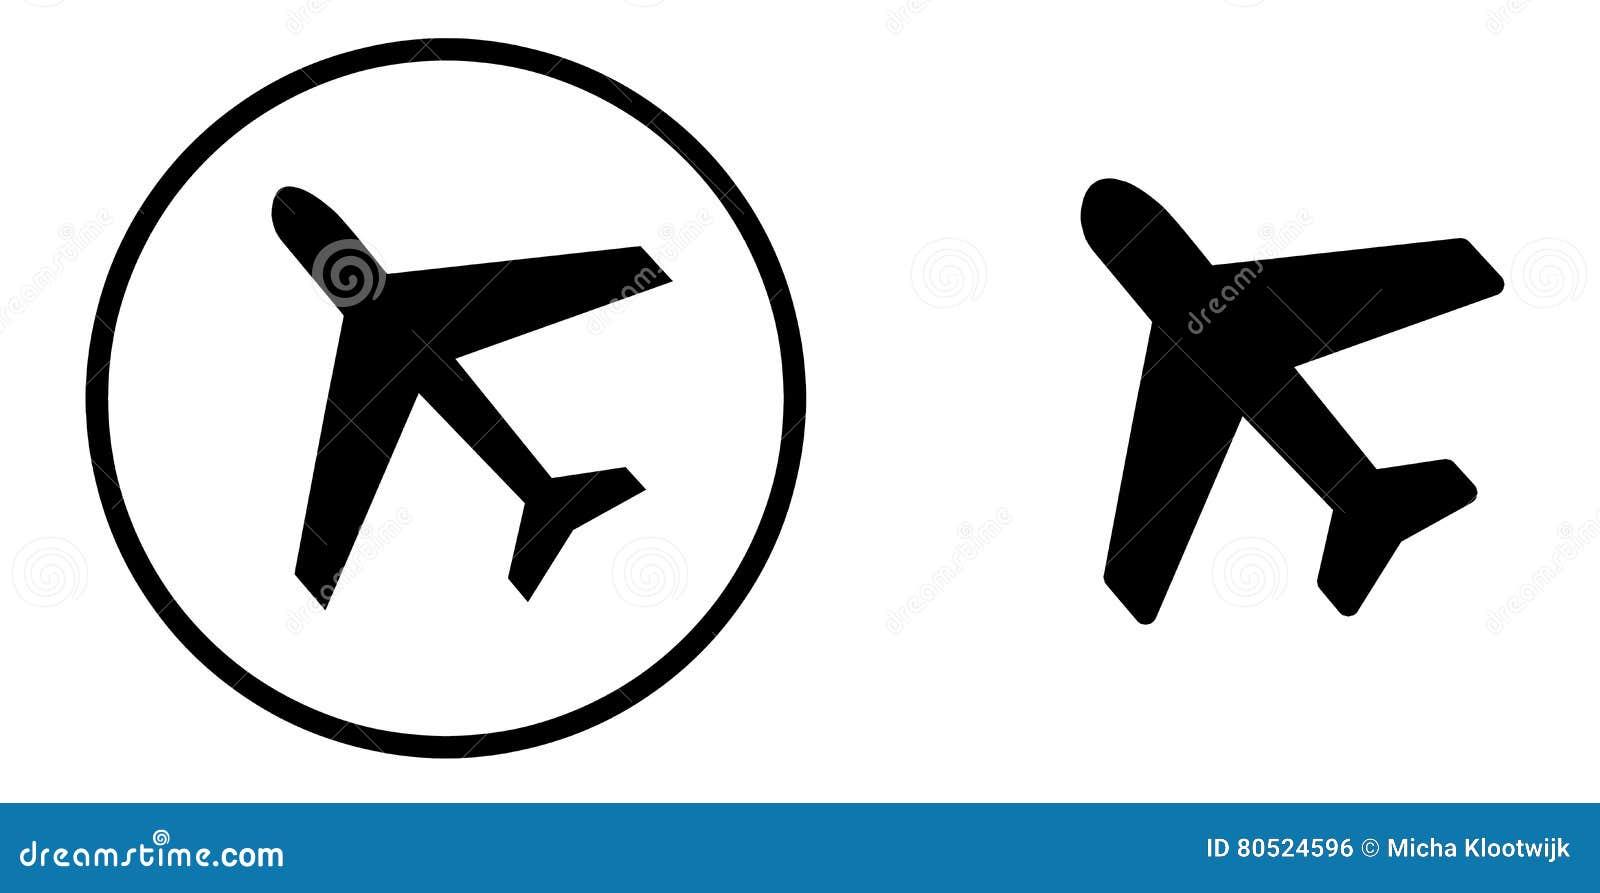 avion noir et blanc illustration stock illustration du culture 80524596. Black Bedroom Furniture Sets. Home Design Ideas